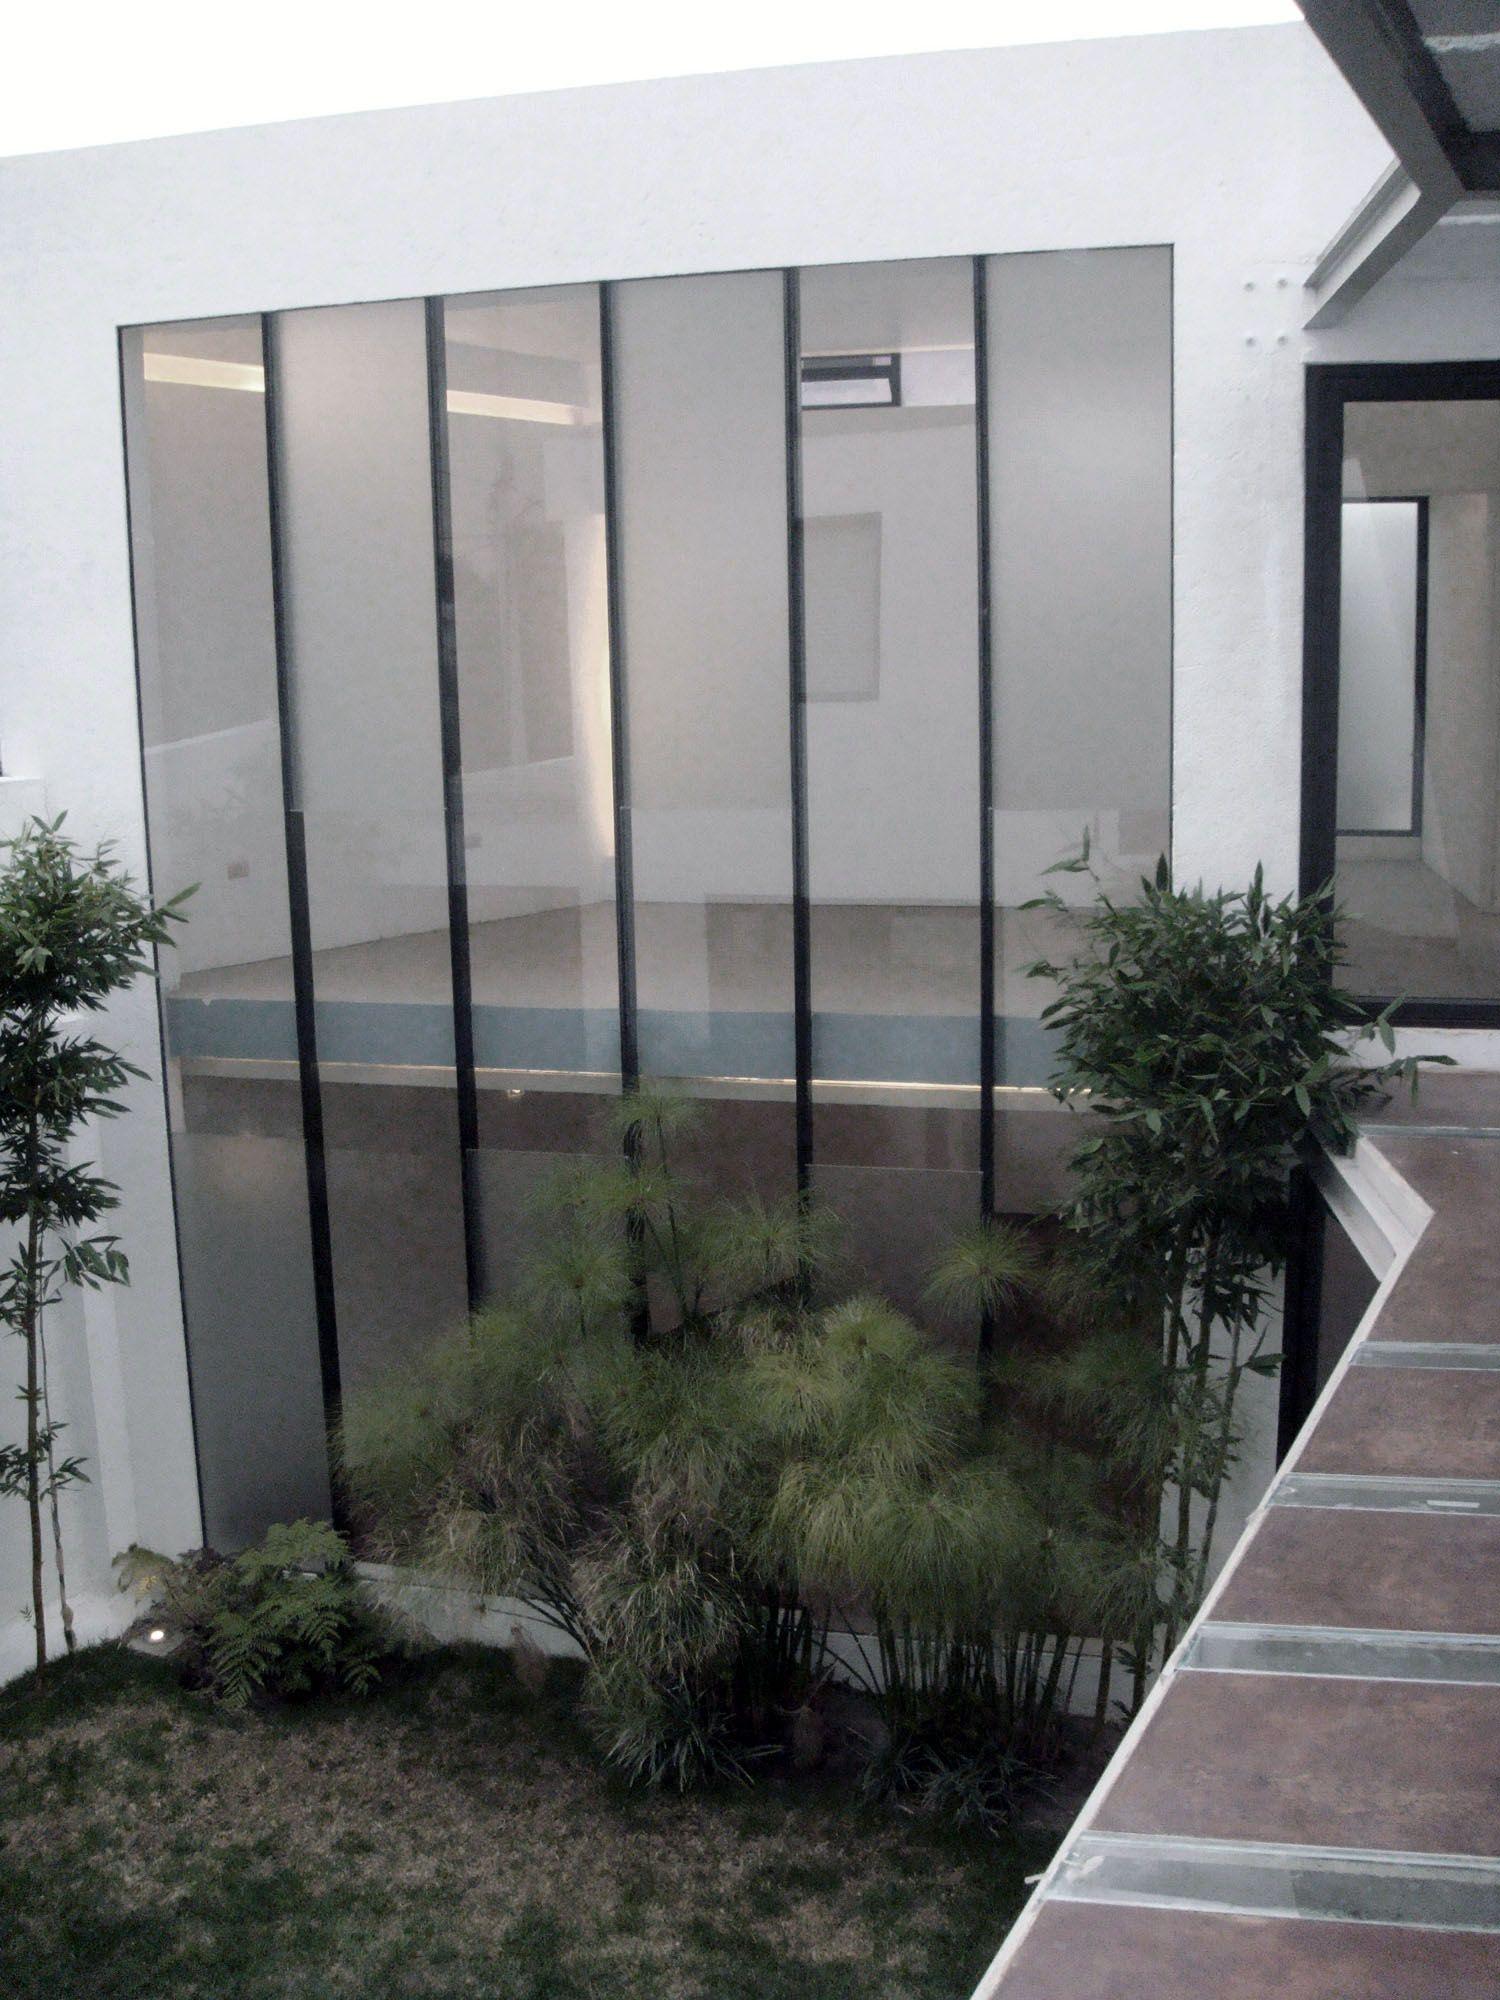 Casa Moro / Jardín Los volúmenes de la casa se conectan mediante un puente, el cual pasa por el jardín central de la casa. La vegetación y áreas verdes son elementos primordiales en nuestros proyectos.